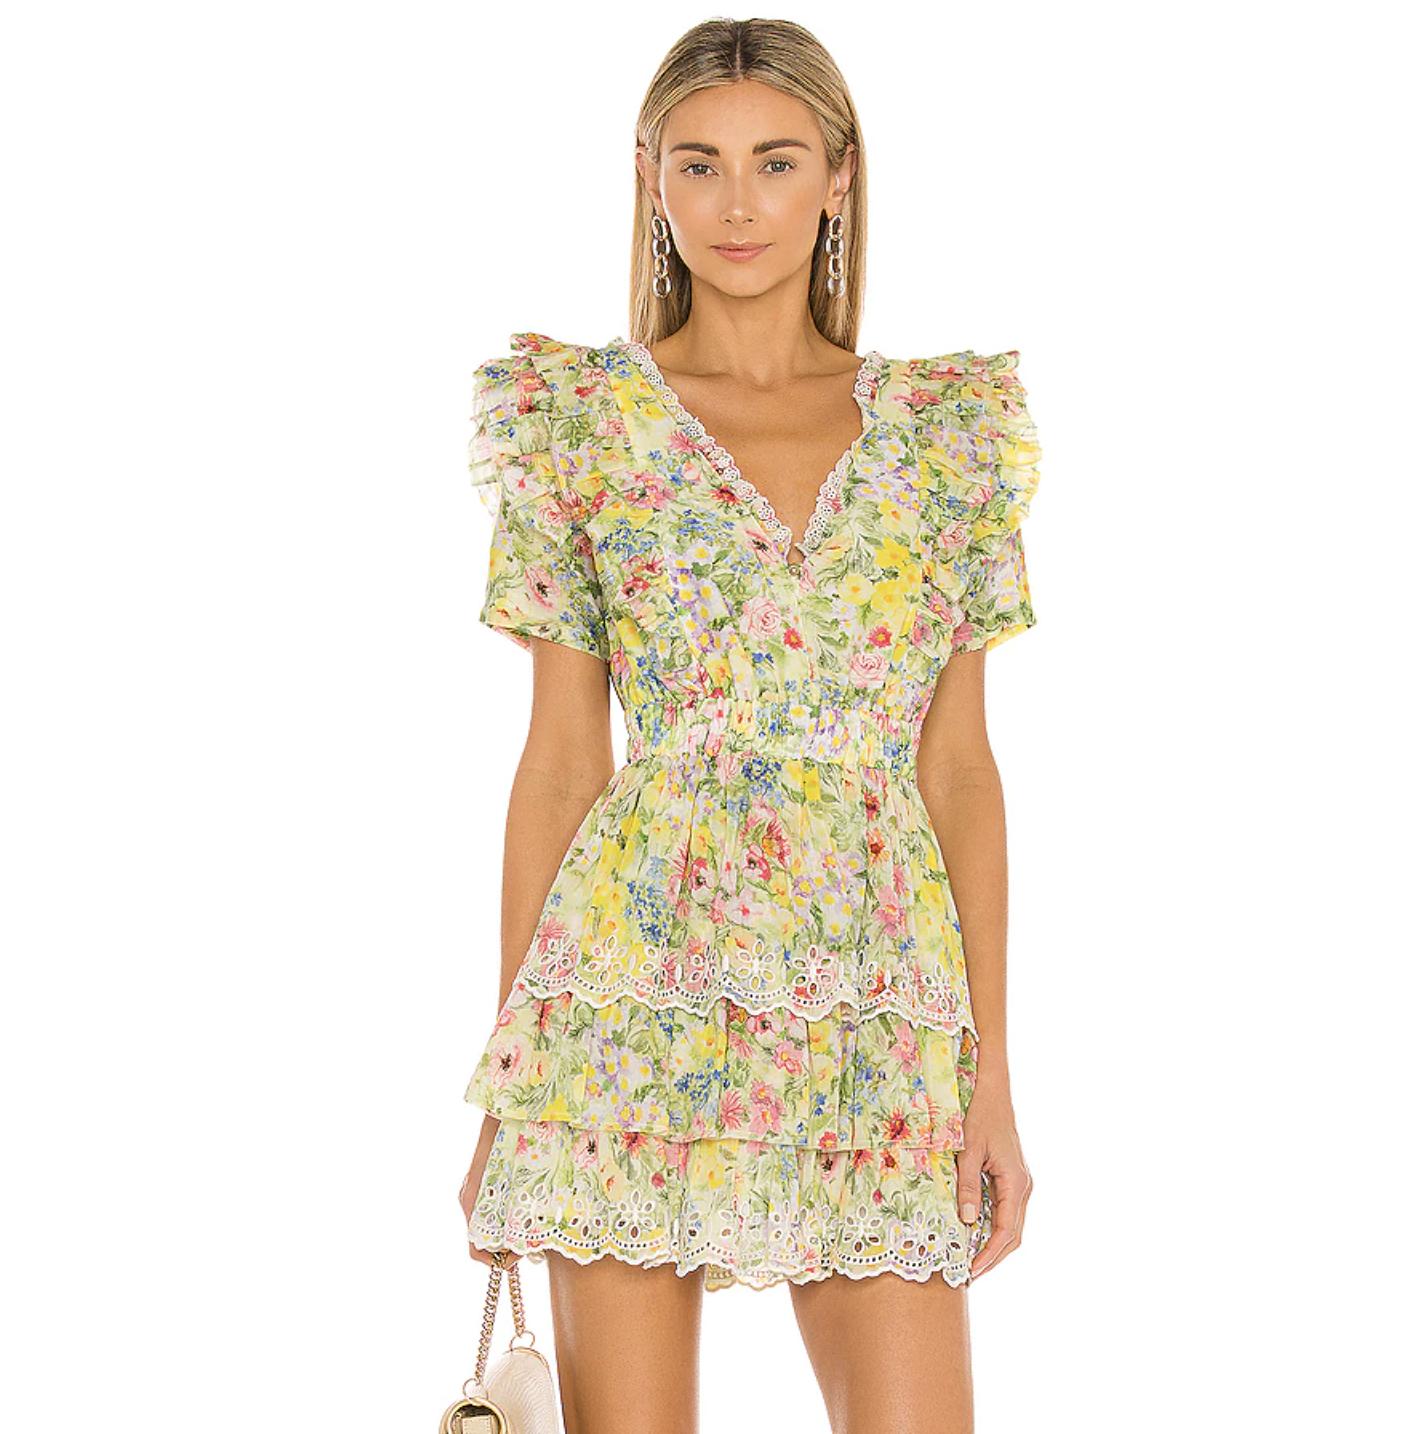 Aldina Dress